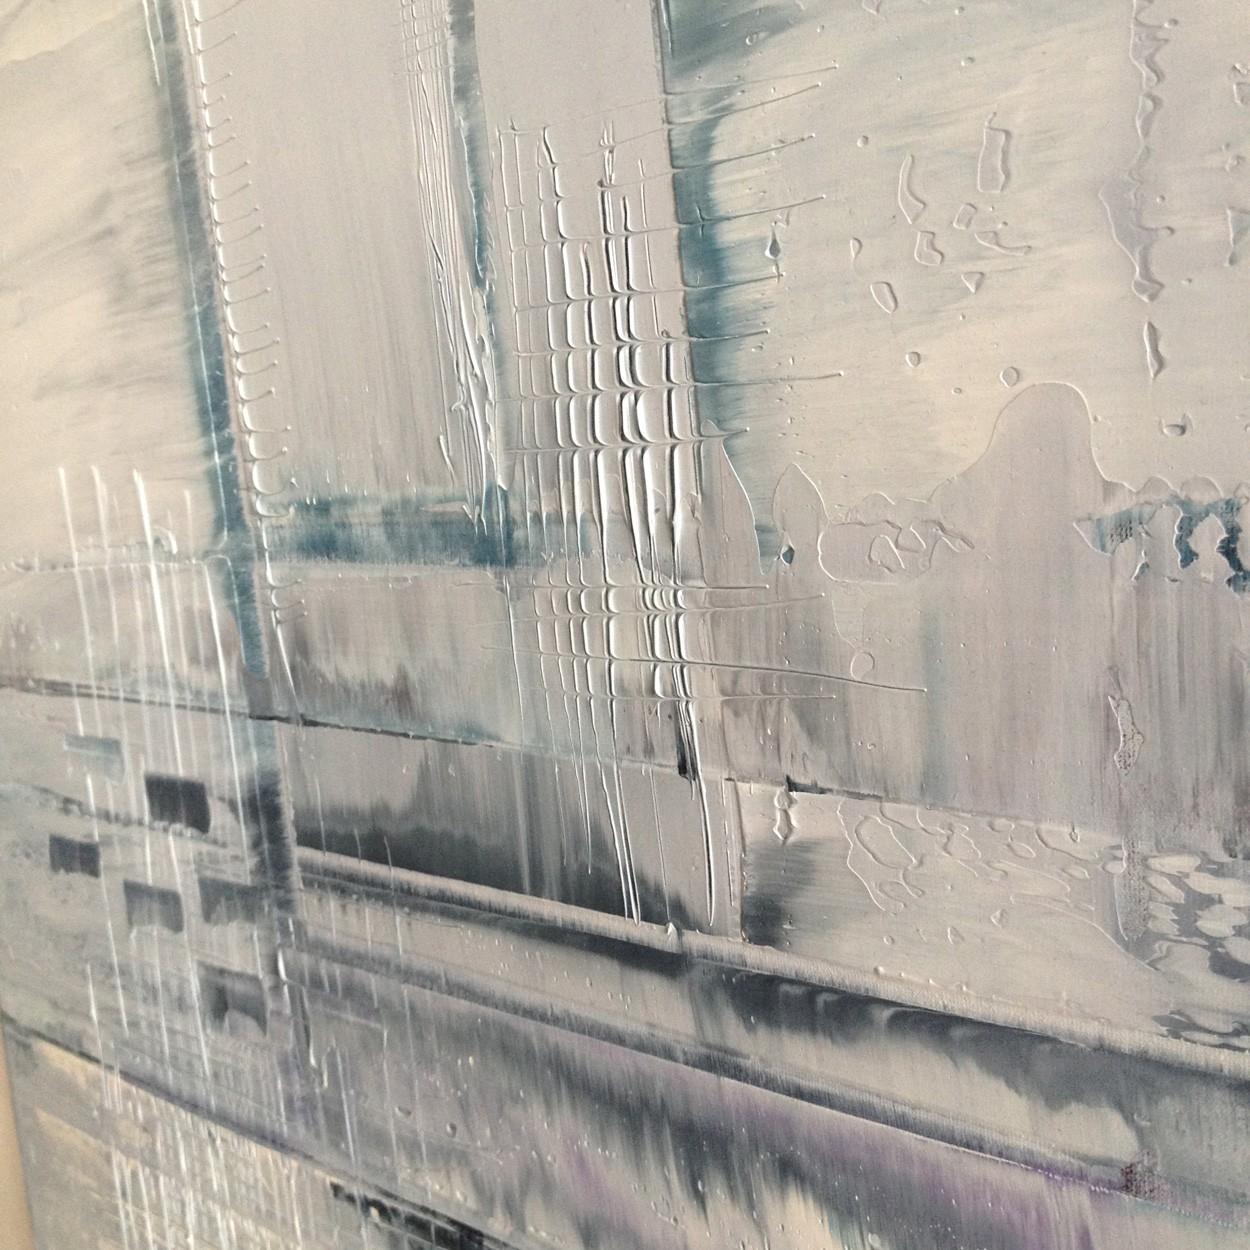 Nadel im Schnee, Detail seitlich, Malerei von Lali Torma | Acryl auf Leinwand, abstrakt